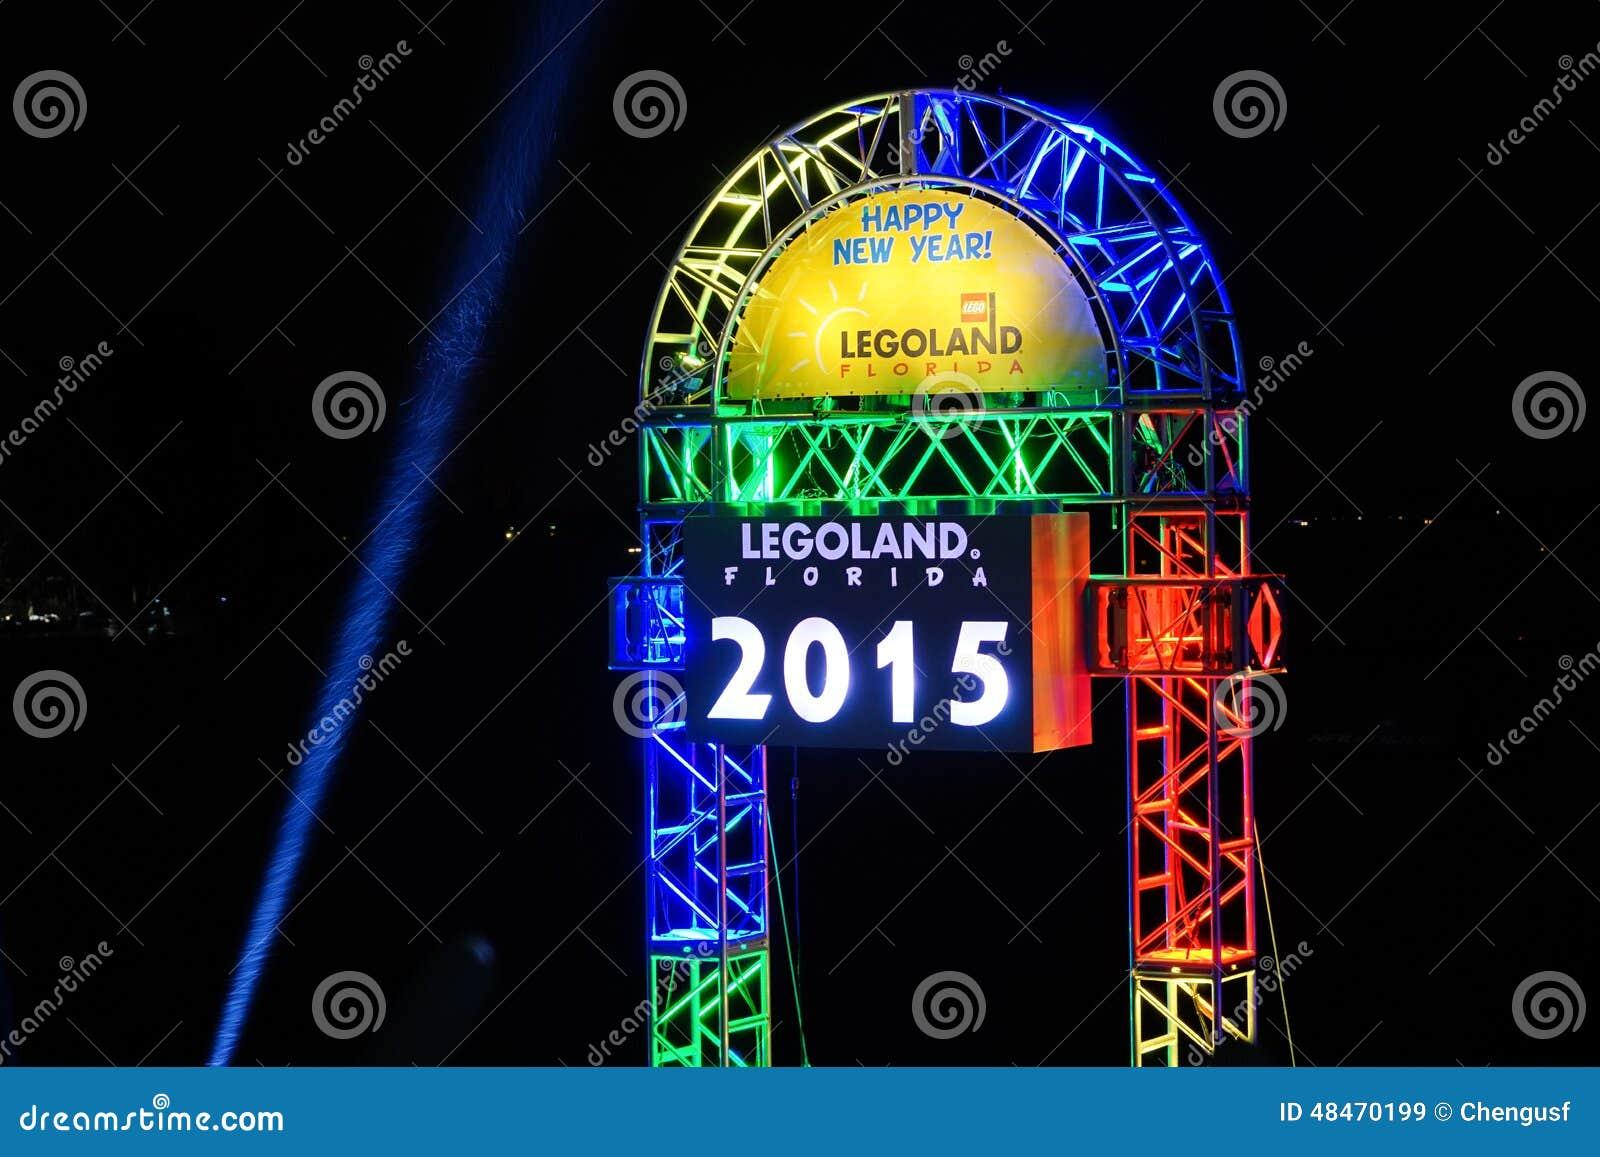 Legoland de decoratie van de 2015 nieuwjaarviering redactionele stock afbeelding afbeelding - Decoratie van de villas ...